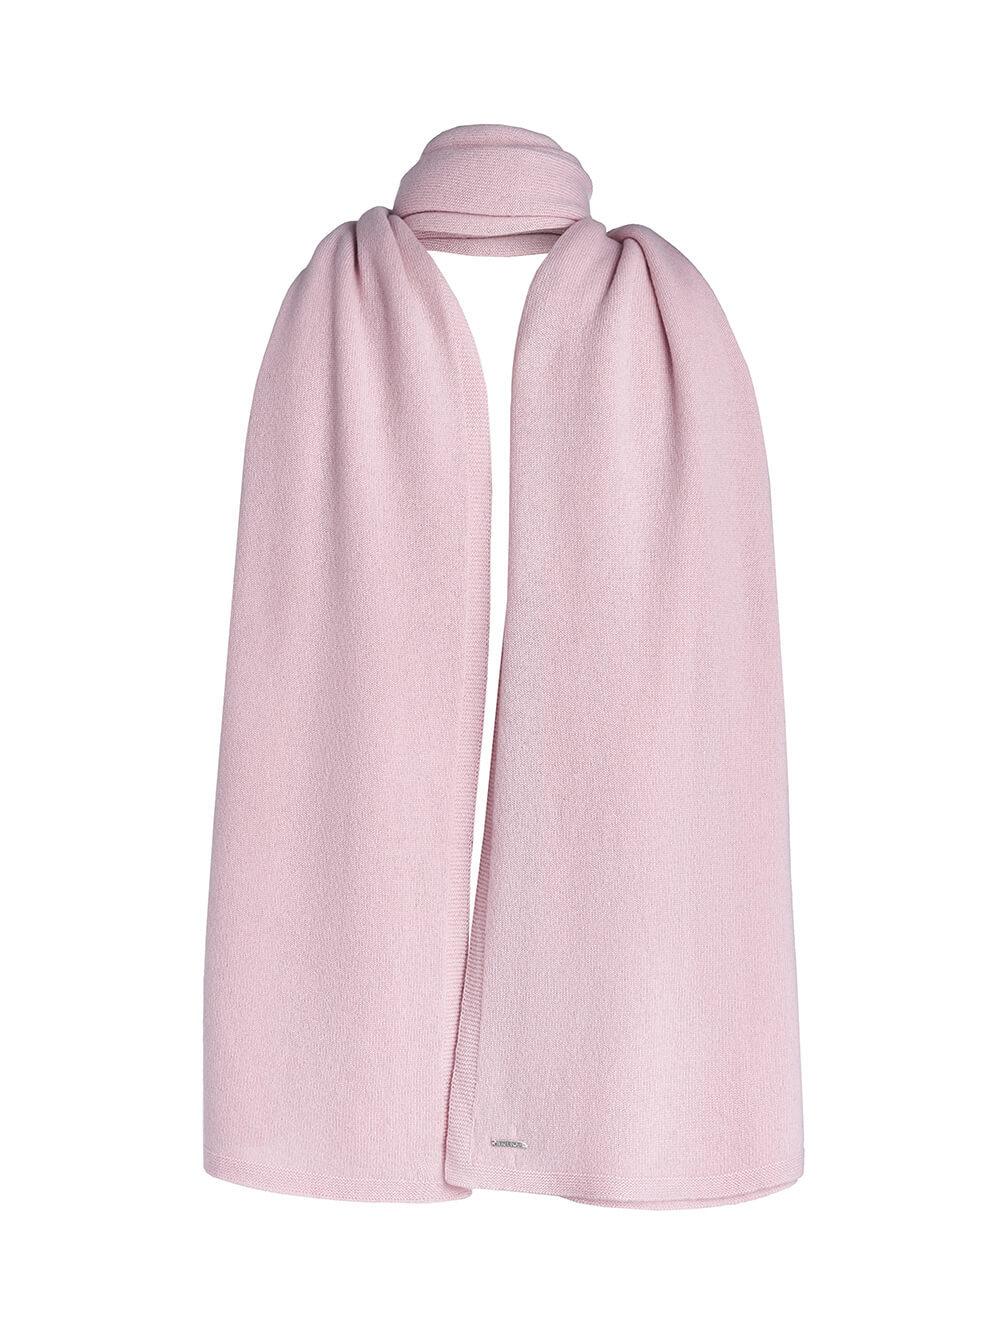 Женский шарф светло-розового цвета из 100% кашемира - фото 1